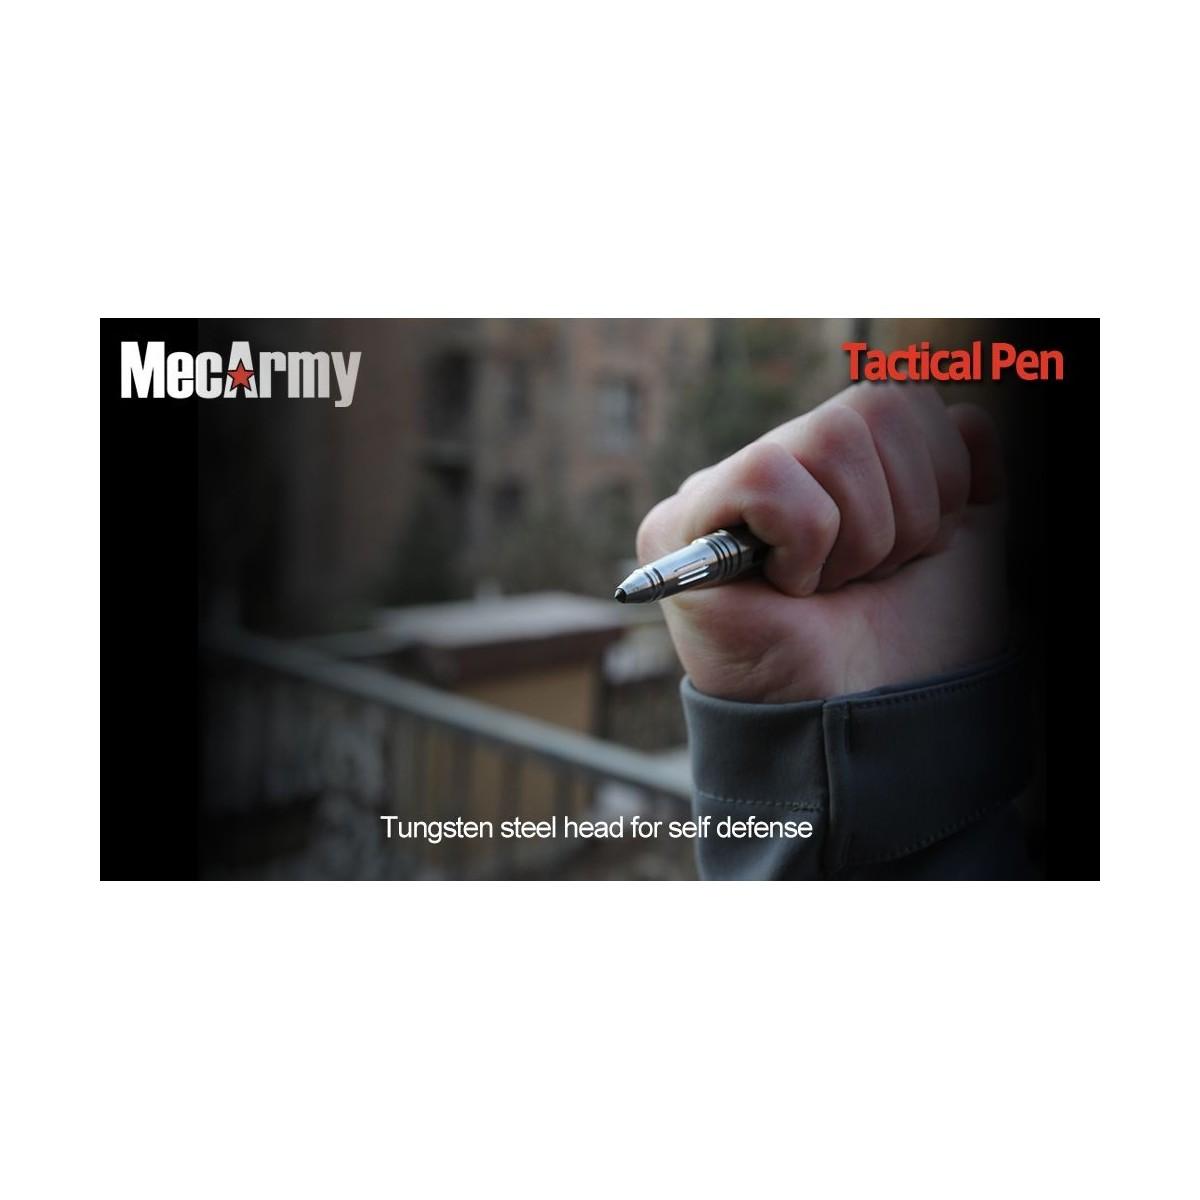 ปากกา MecArmy Titanium Tactical Pen สำหรับใช้งานทั่วไป และใช้ป้องกันตัว  (TPX22)